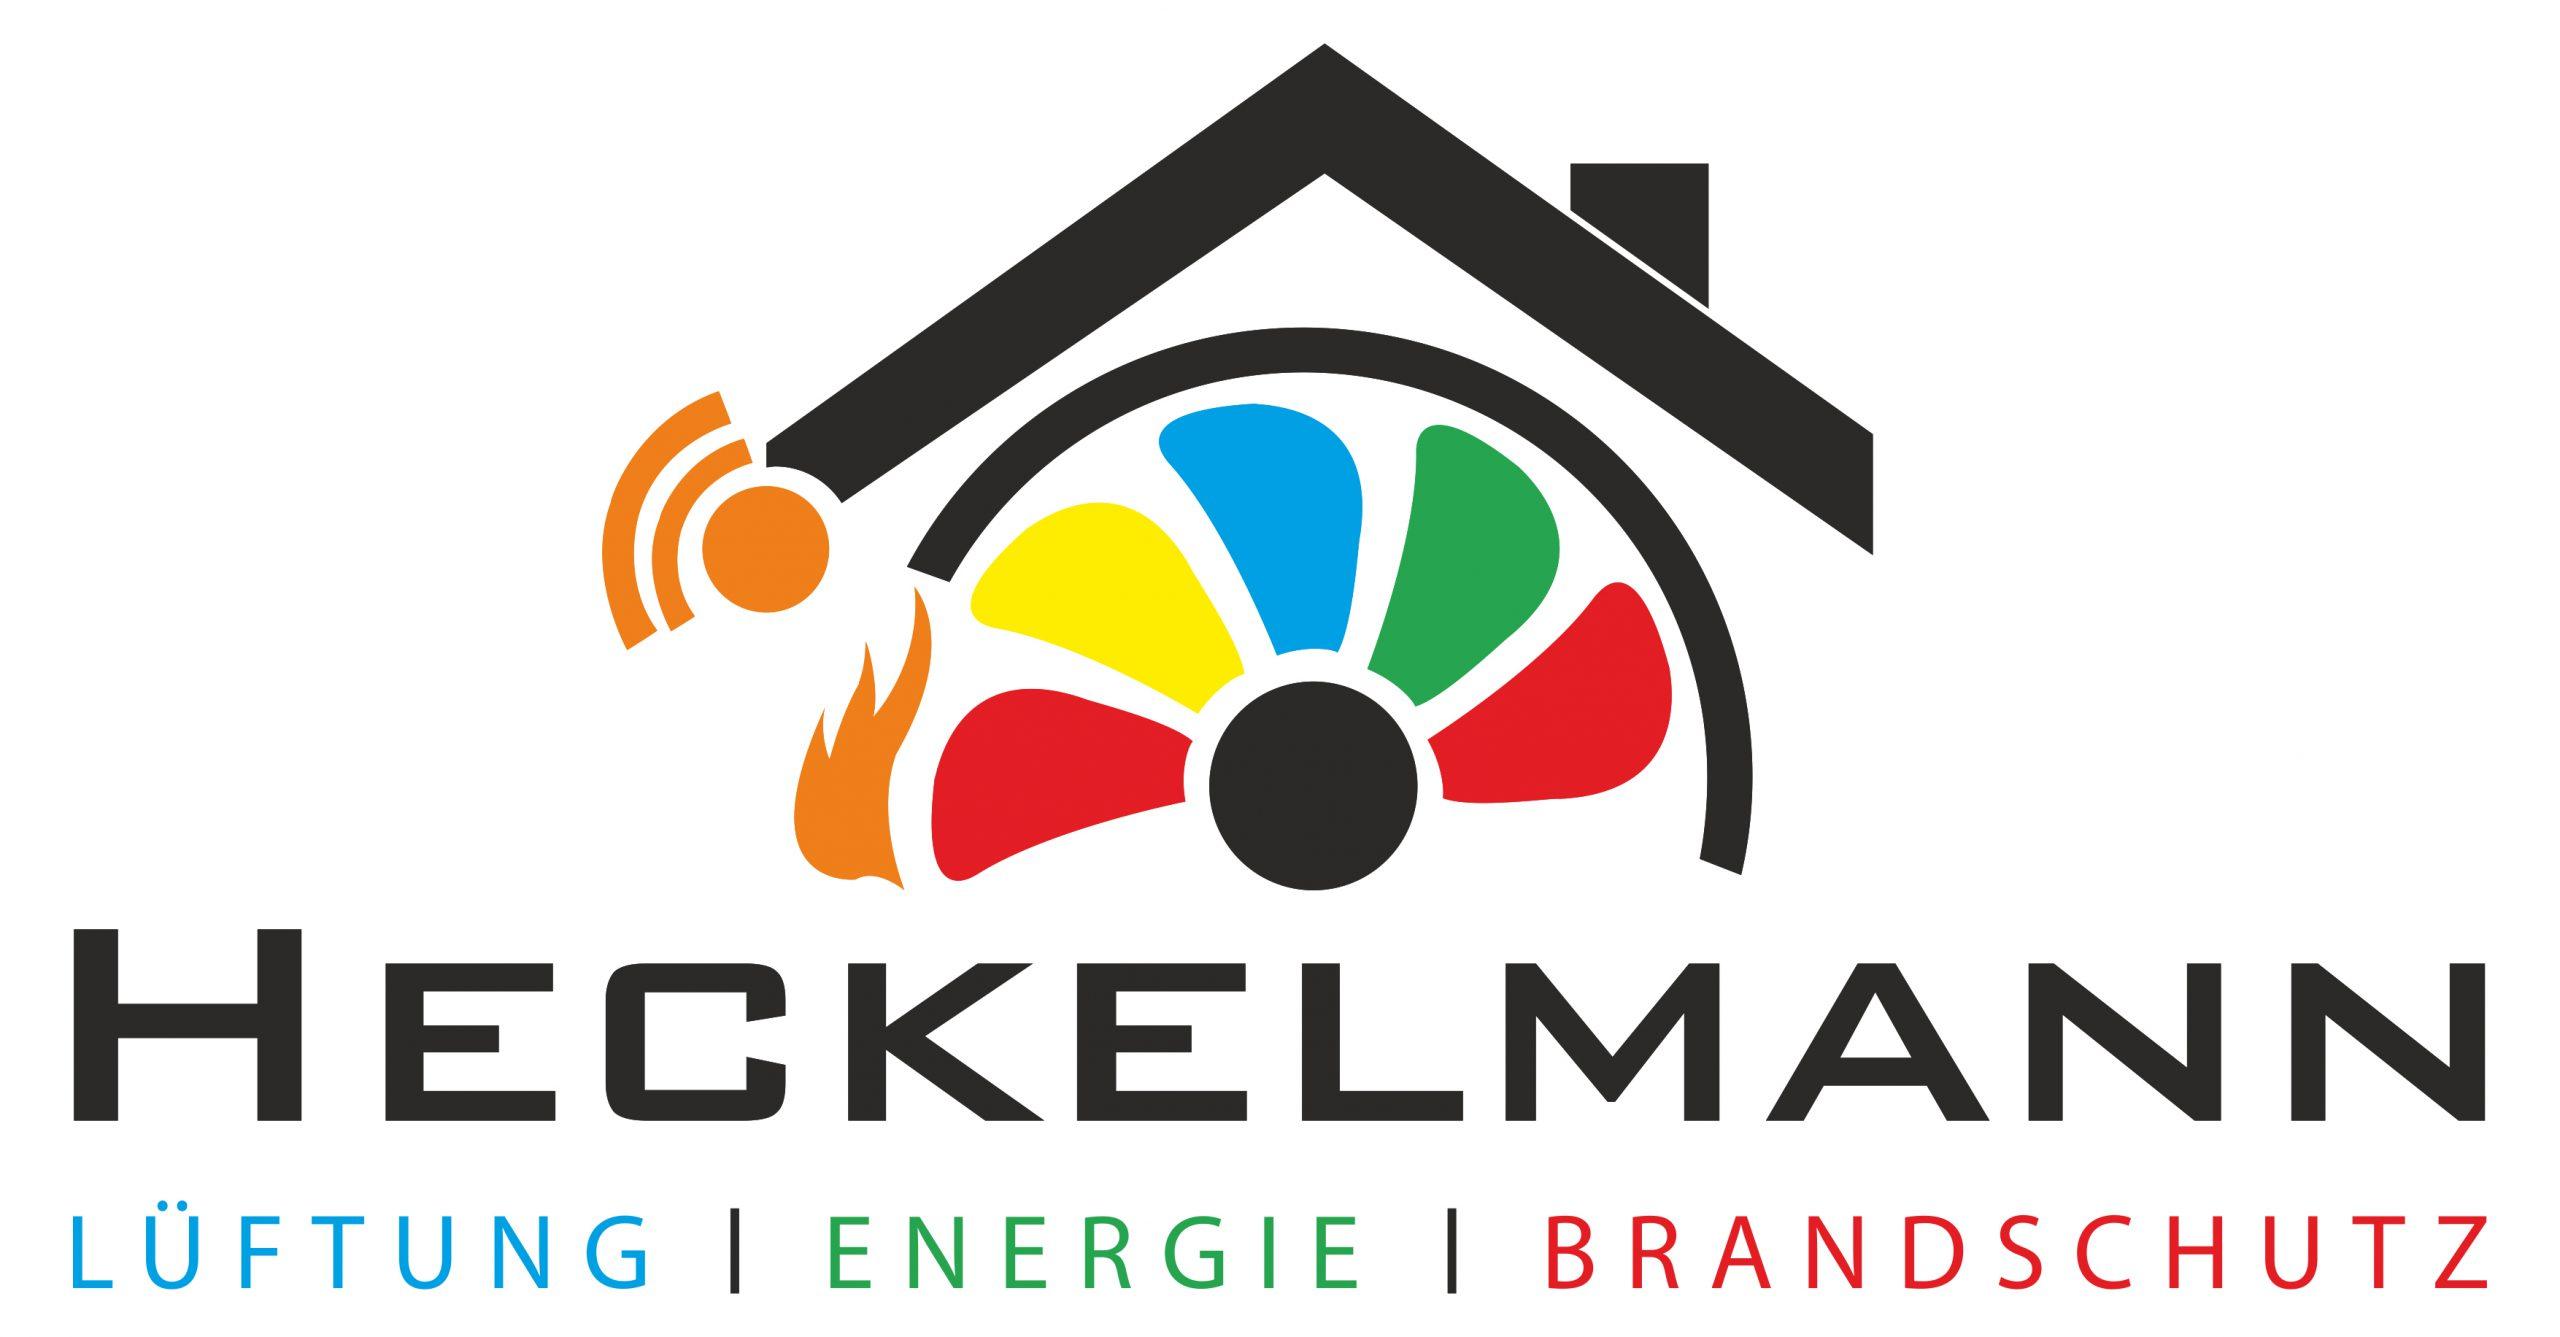 Energie, Energieberatung, Energieberater, Energieeffizienz, Lüftung, Brandschutz, Experte